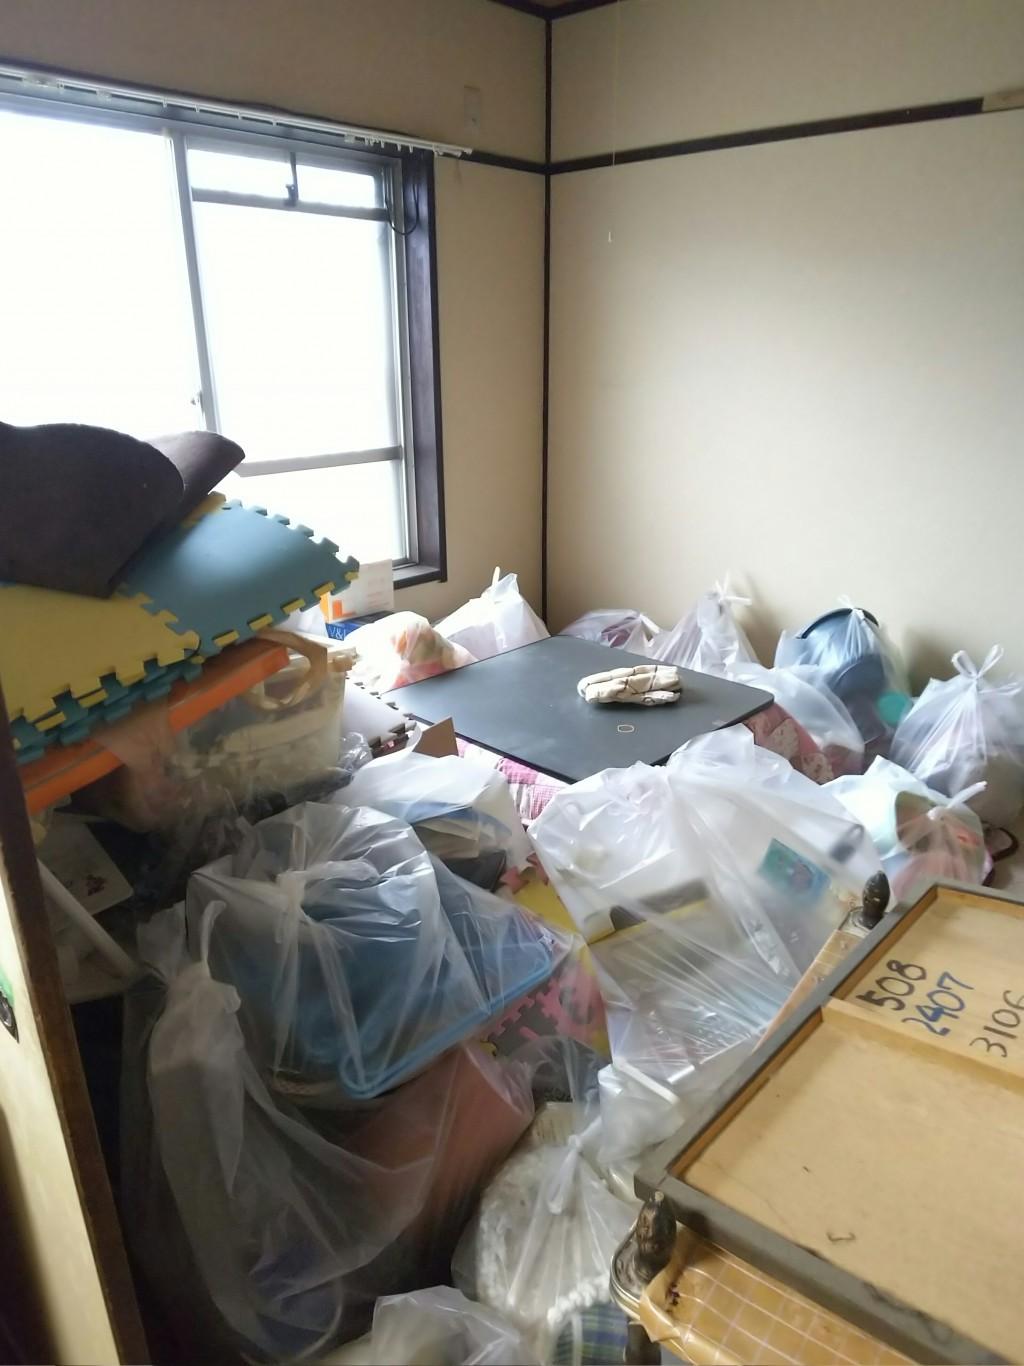 【三原市】転居に伴う不用品回収と簡易清掃☆対応も抜群でしたとお喜びいただけました!